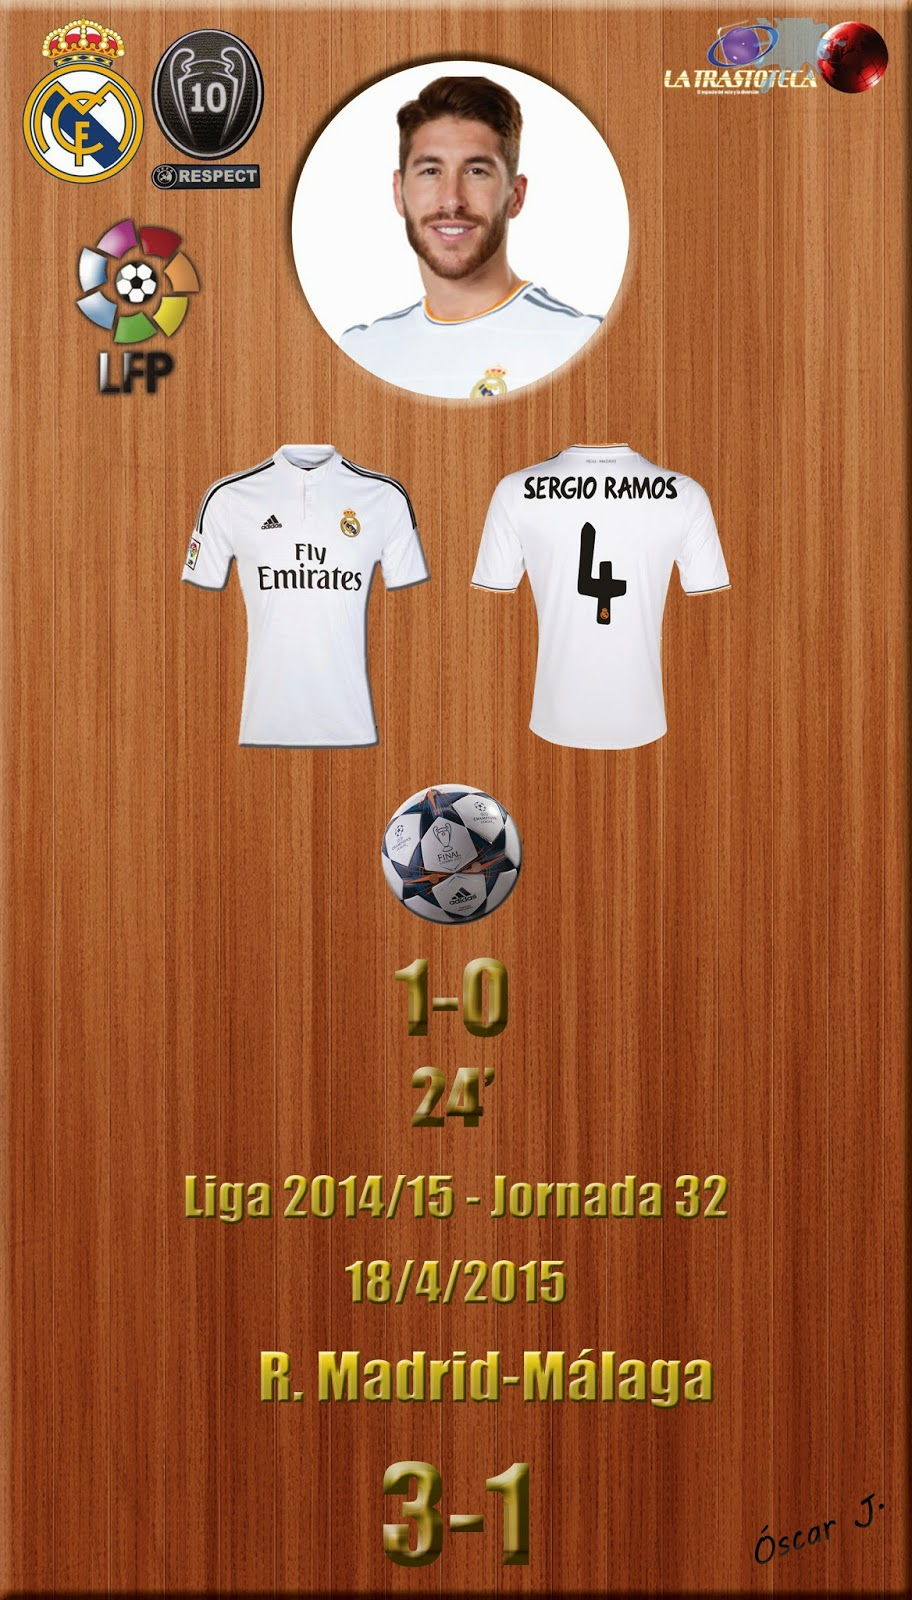 Sergio Ramos (1-0) - Real Madrid 3-1 Málaga - Liga 2014/15 - Jornada 32 - (18/4/2015)